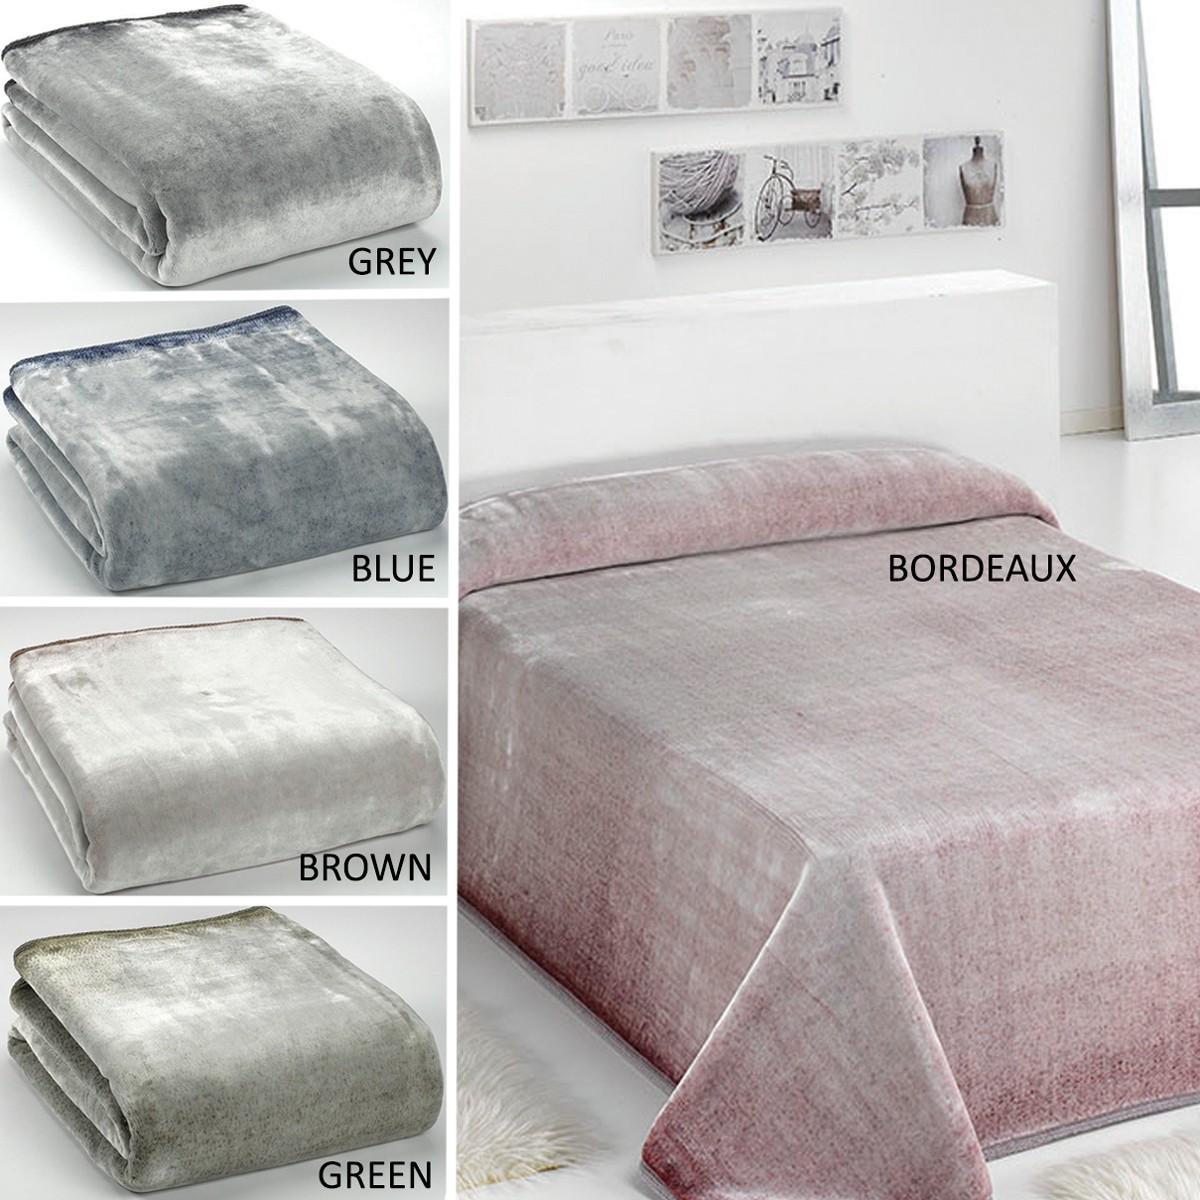 Κουβέρτα Βελουτέ Μονή Morven Alaska 758 home   κρεβατοκάμαρα   κουβέρτες   κουβέρτες βελουτέ μονές